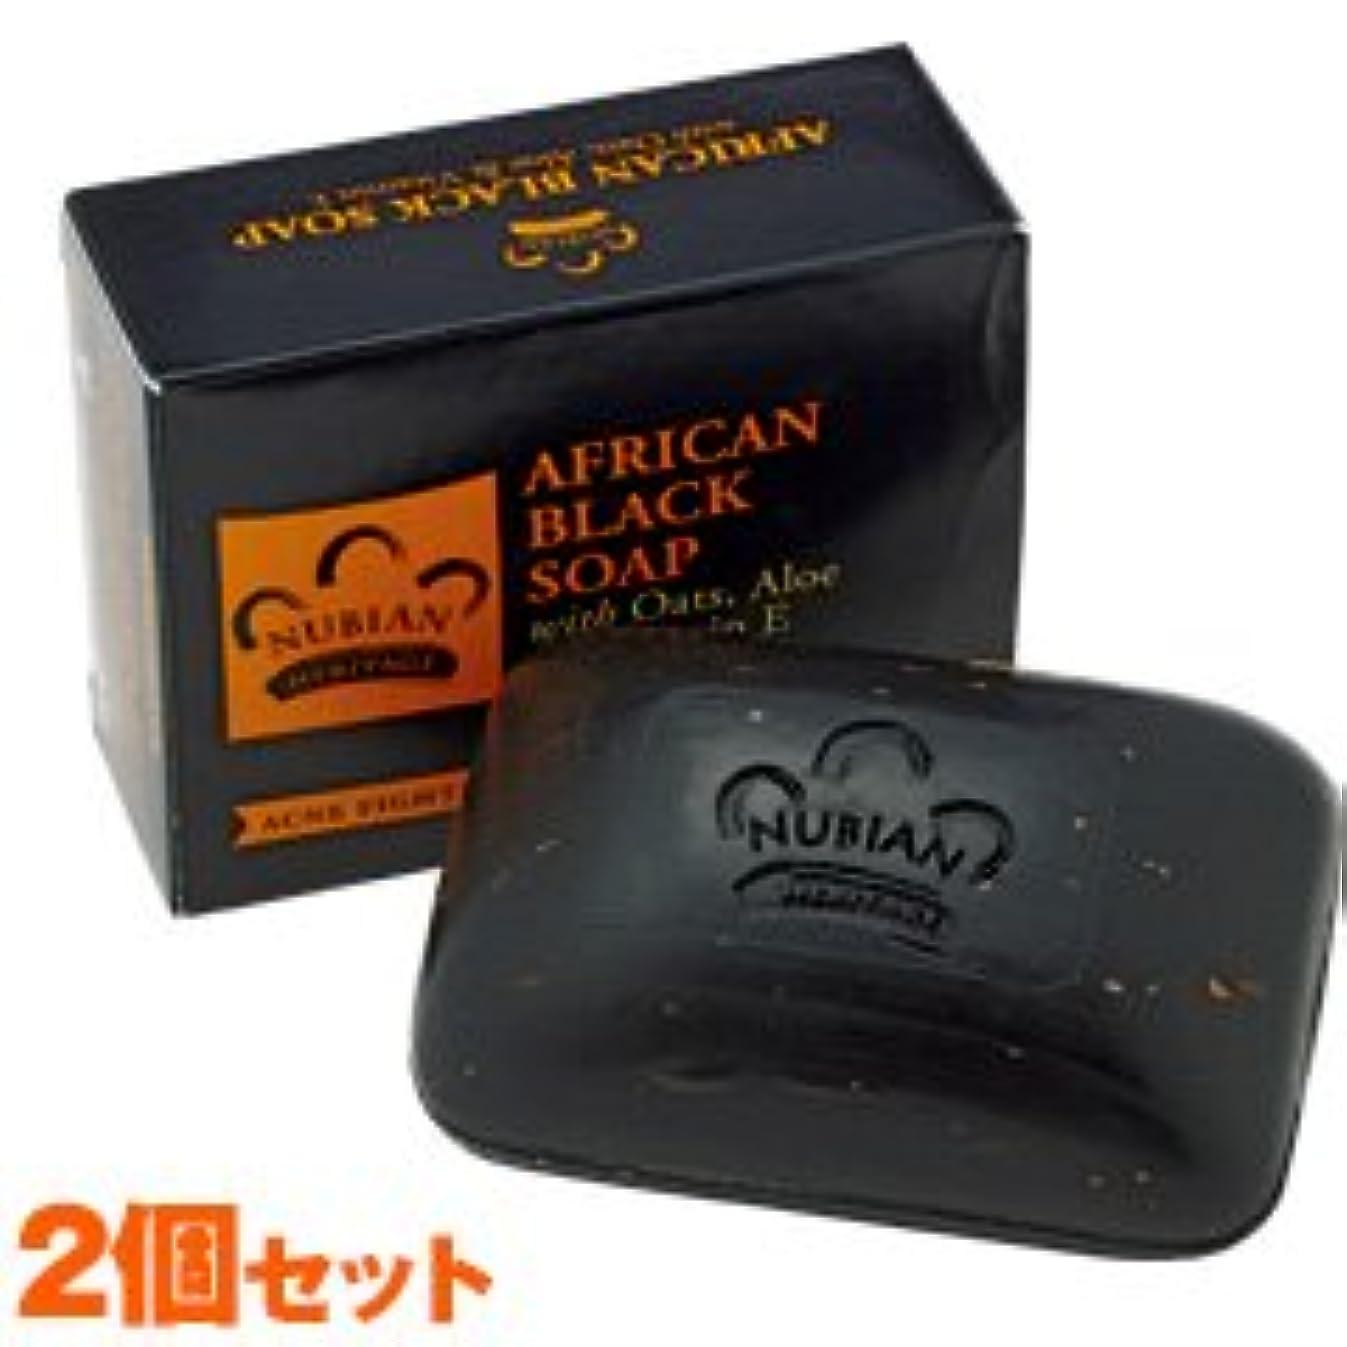 り摂氏度閃光ヌビアン ヘリテージ(NUBIAN HERITAGE)アフリカン ブラック ソープバー 2個セット 141gX2[並行輸入品][海外直送品]